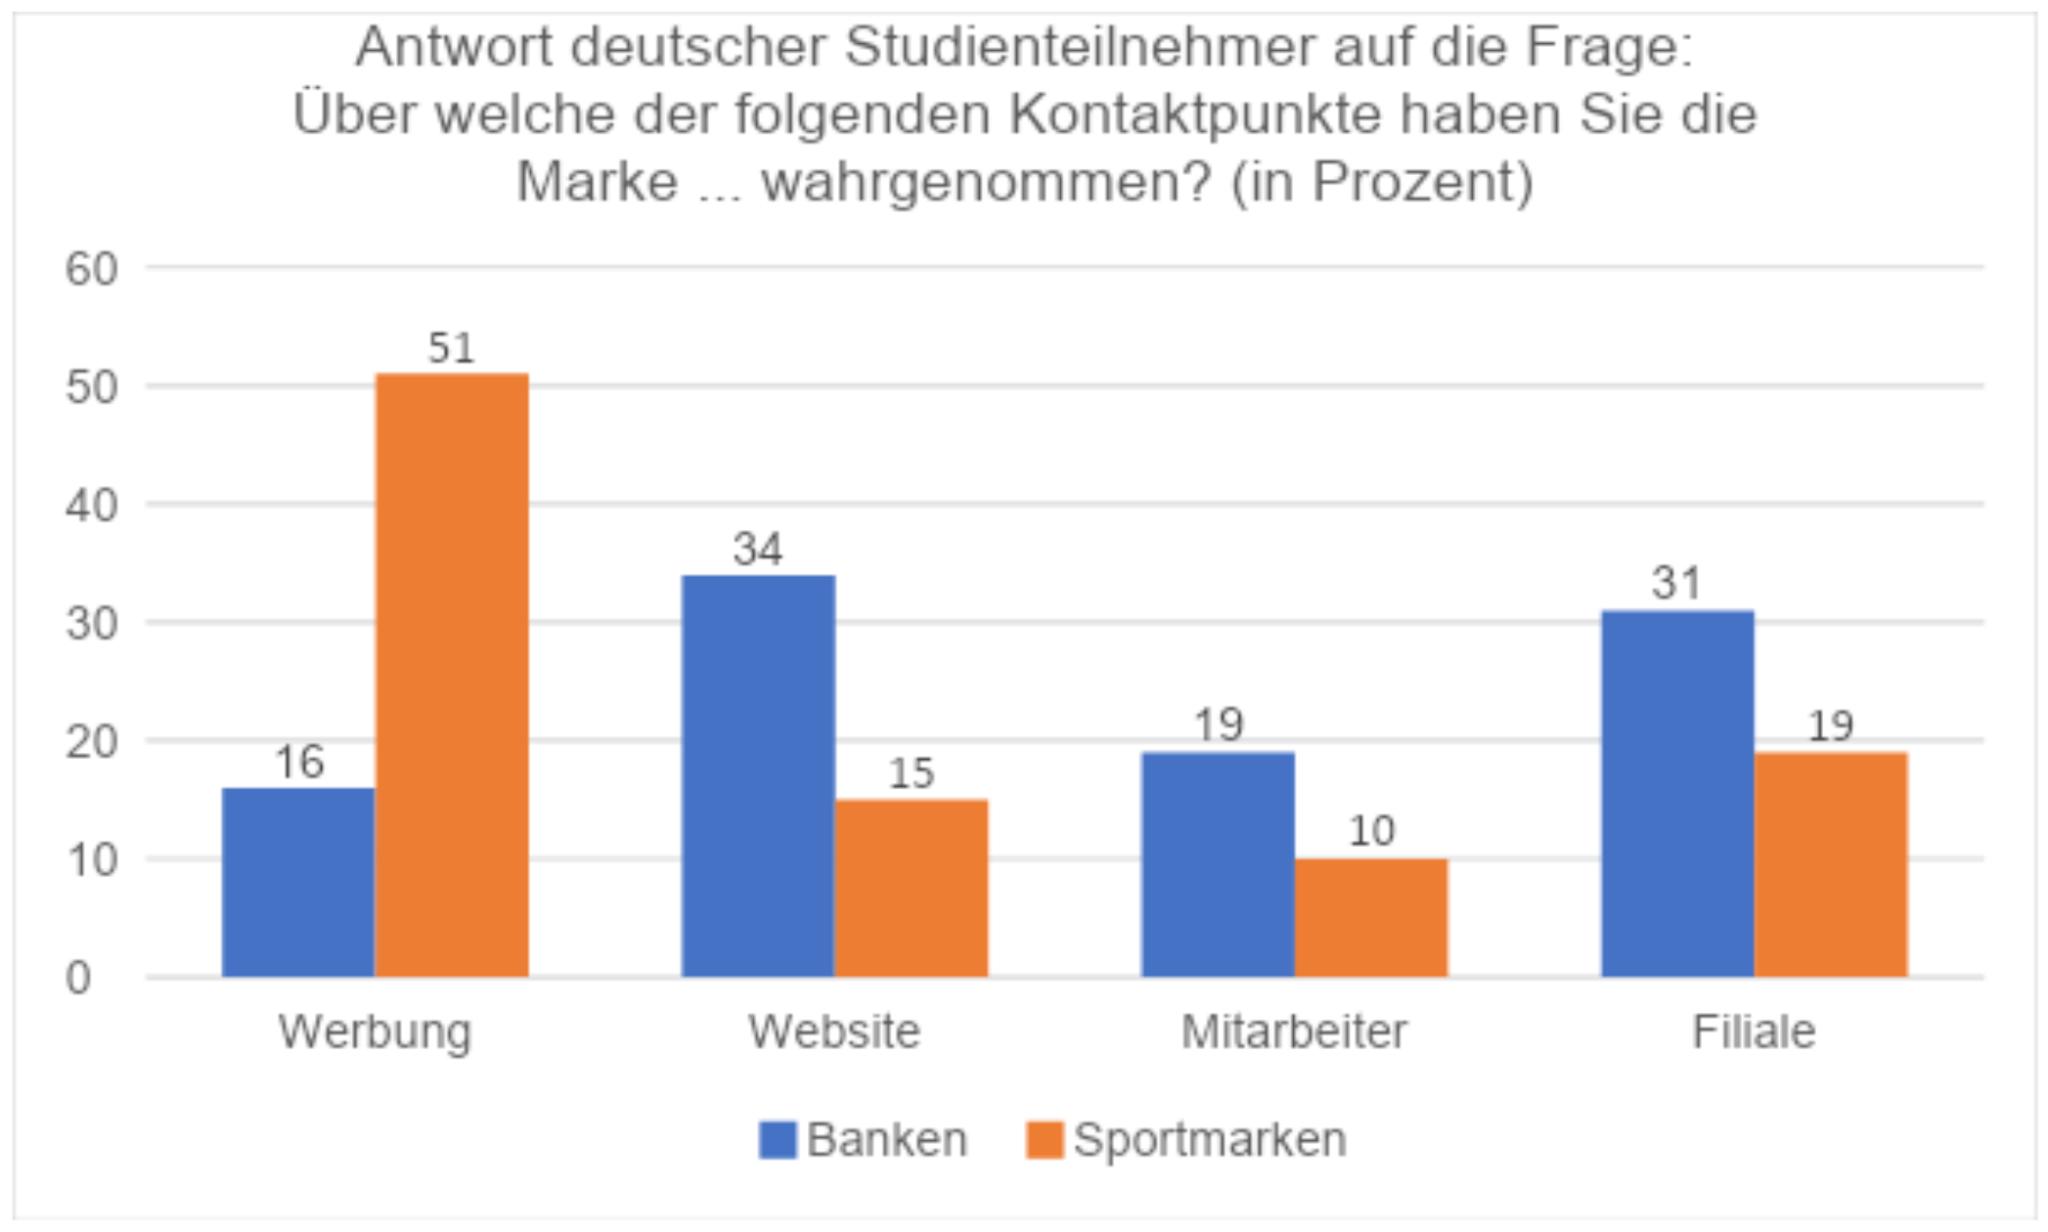 Antwort deutscher Studienteilnehmer auf die Frage